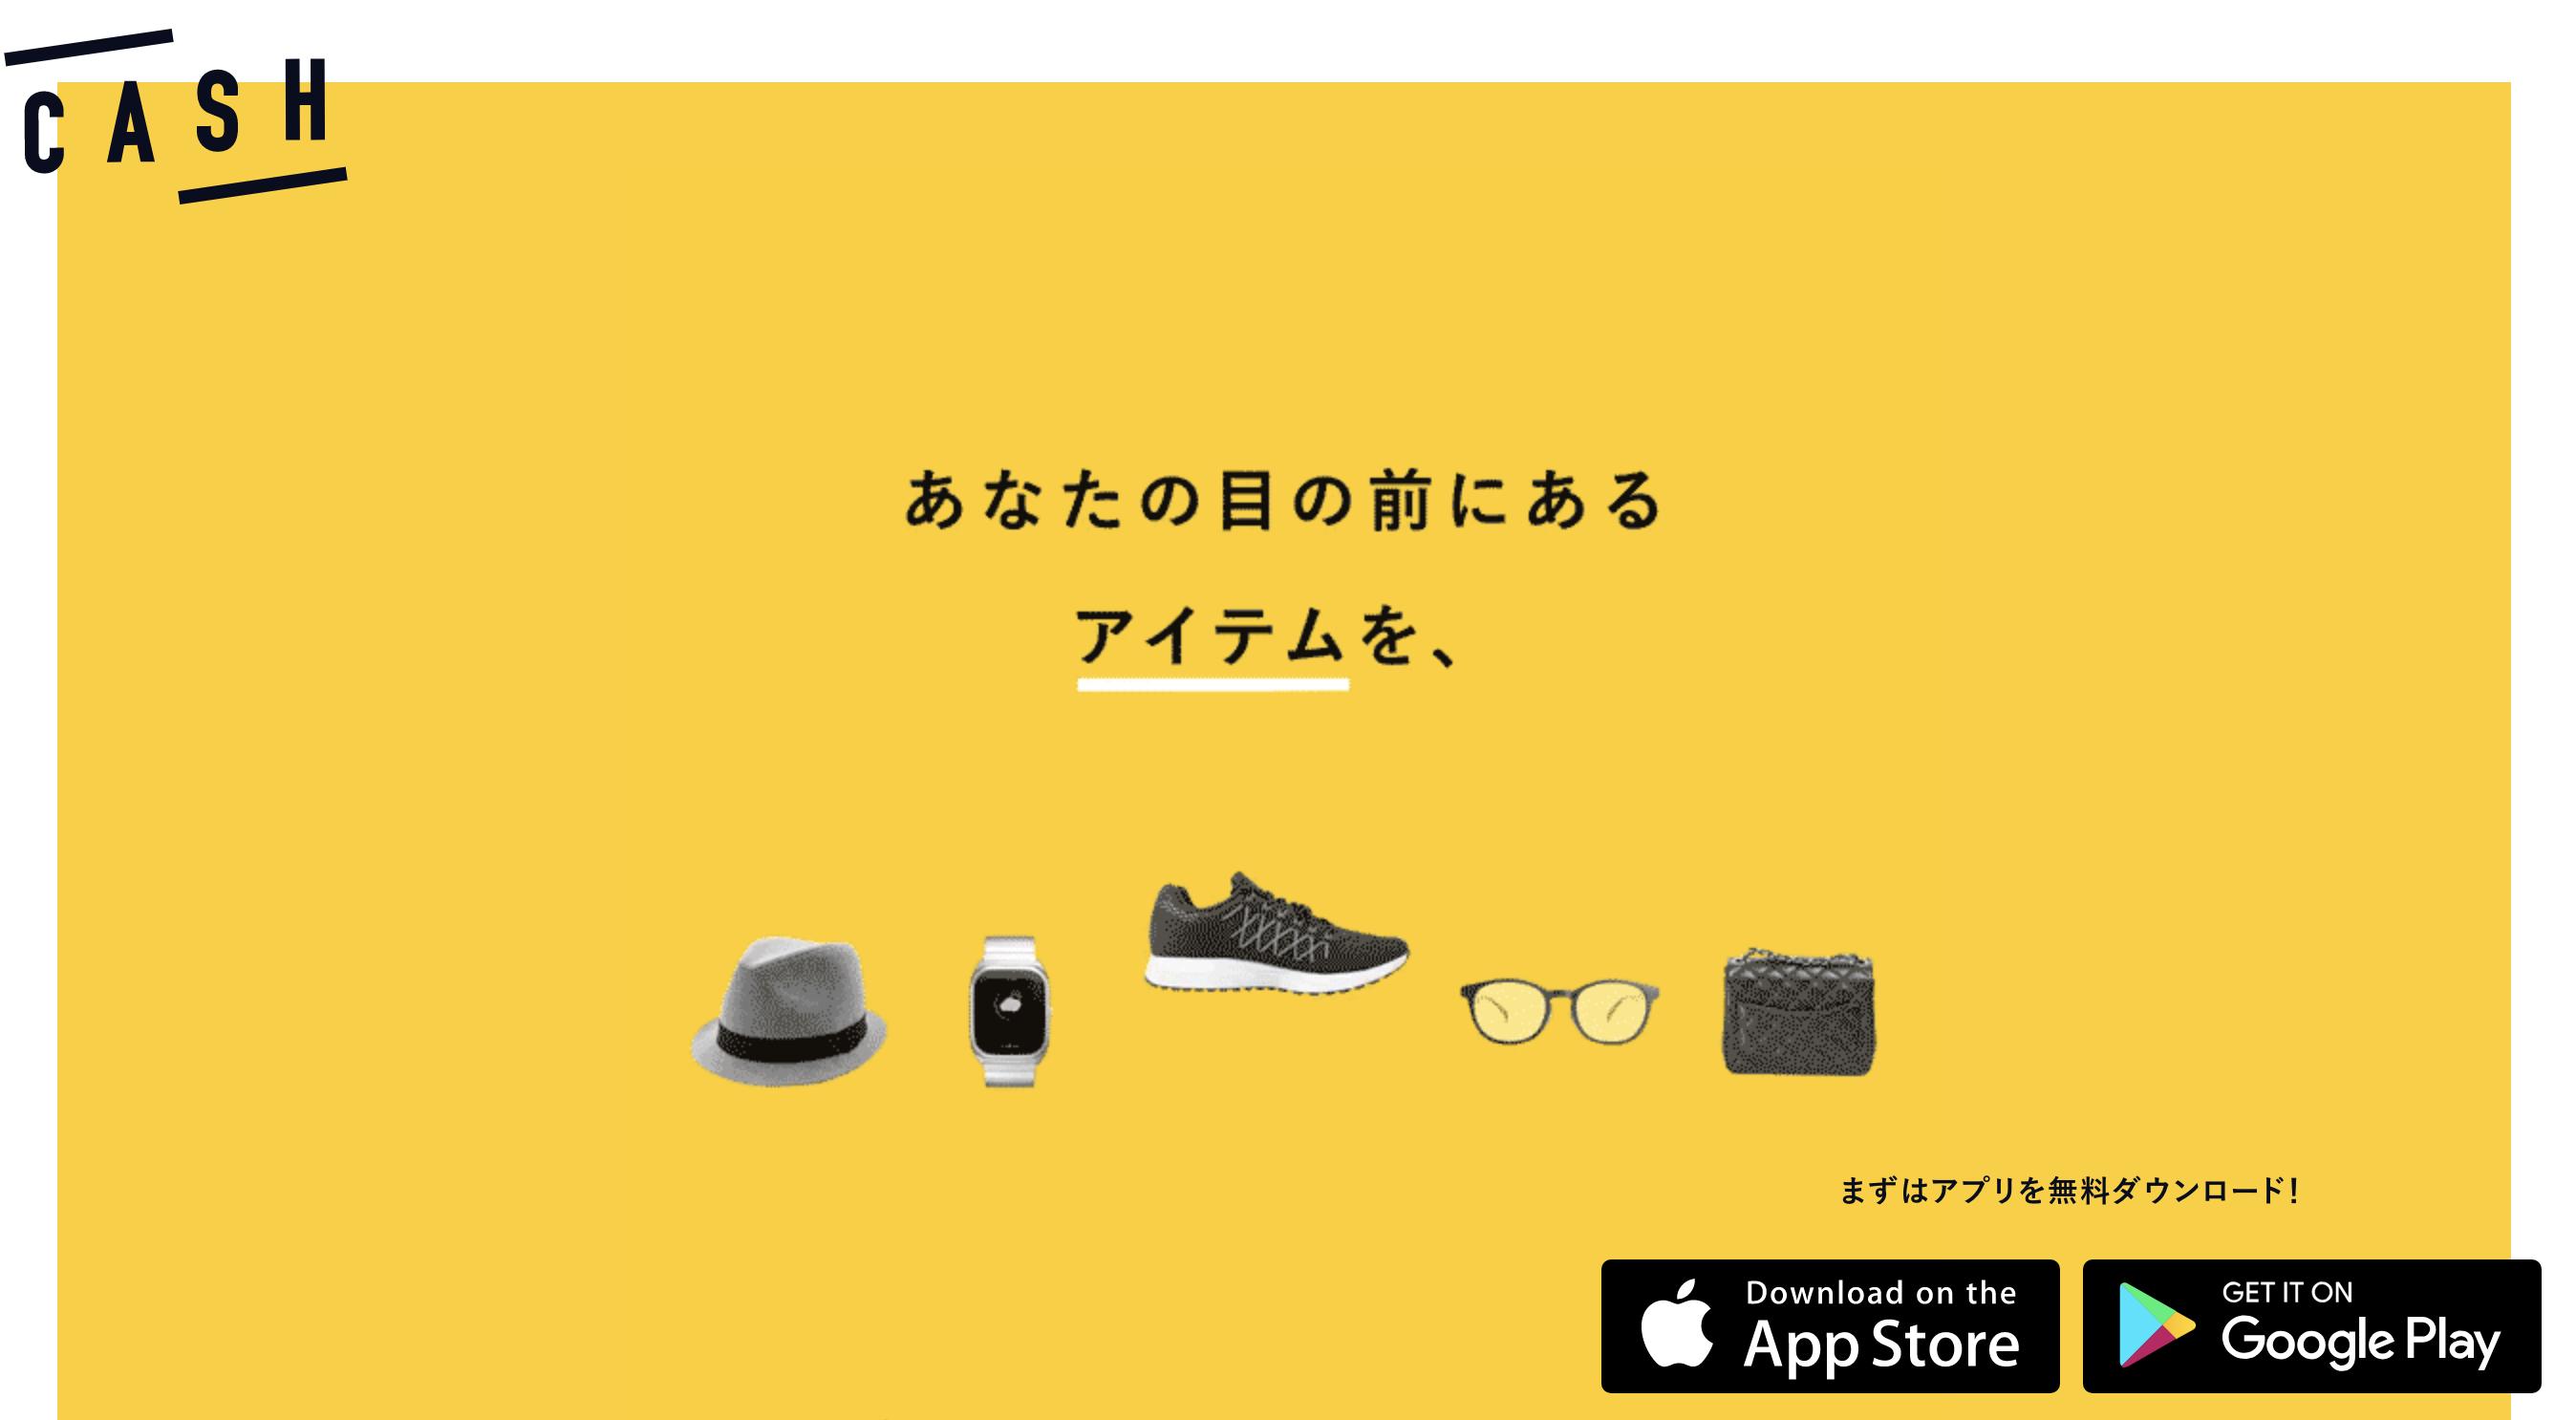 CASH(キャッシュ)_動画背景